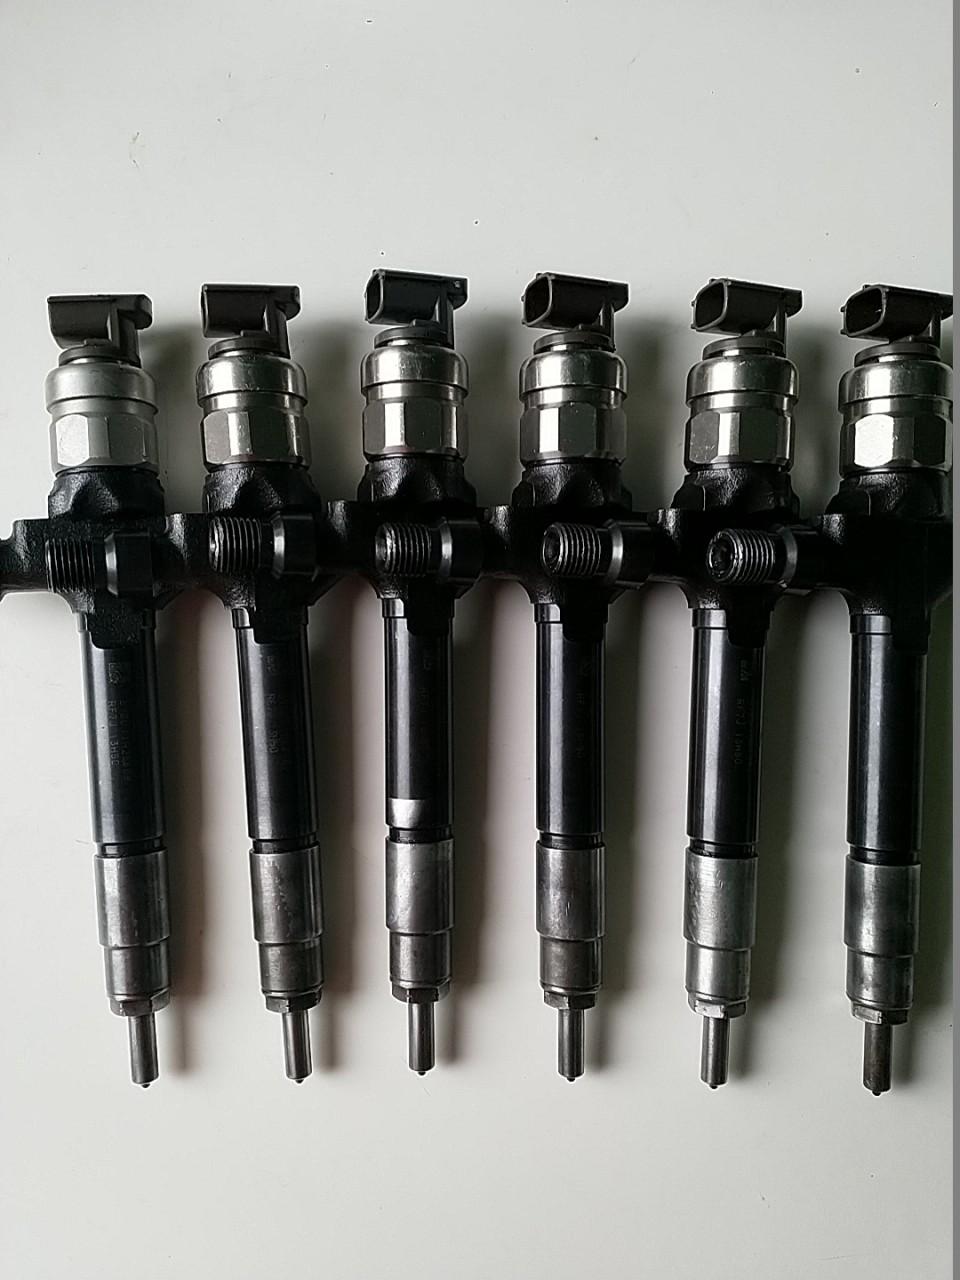 RF8G-13-H50 Injector Denso DCRI107860 Mazda 3 BK Mazda 5 CR19 CD Mazda 6 MZR-CD 2.0